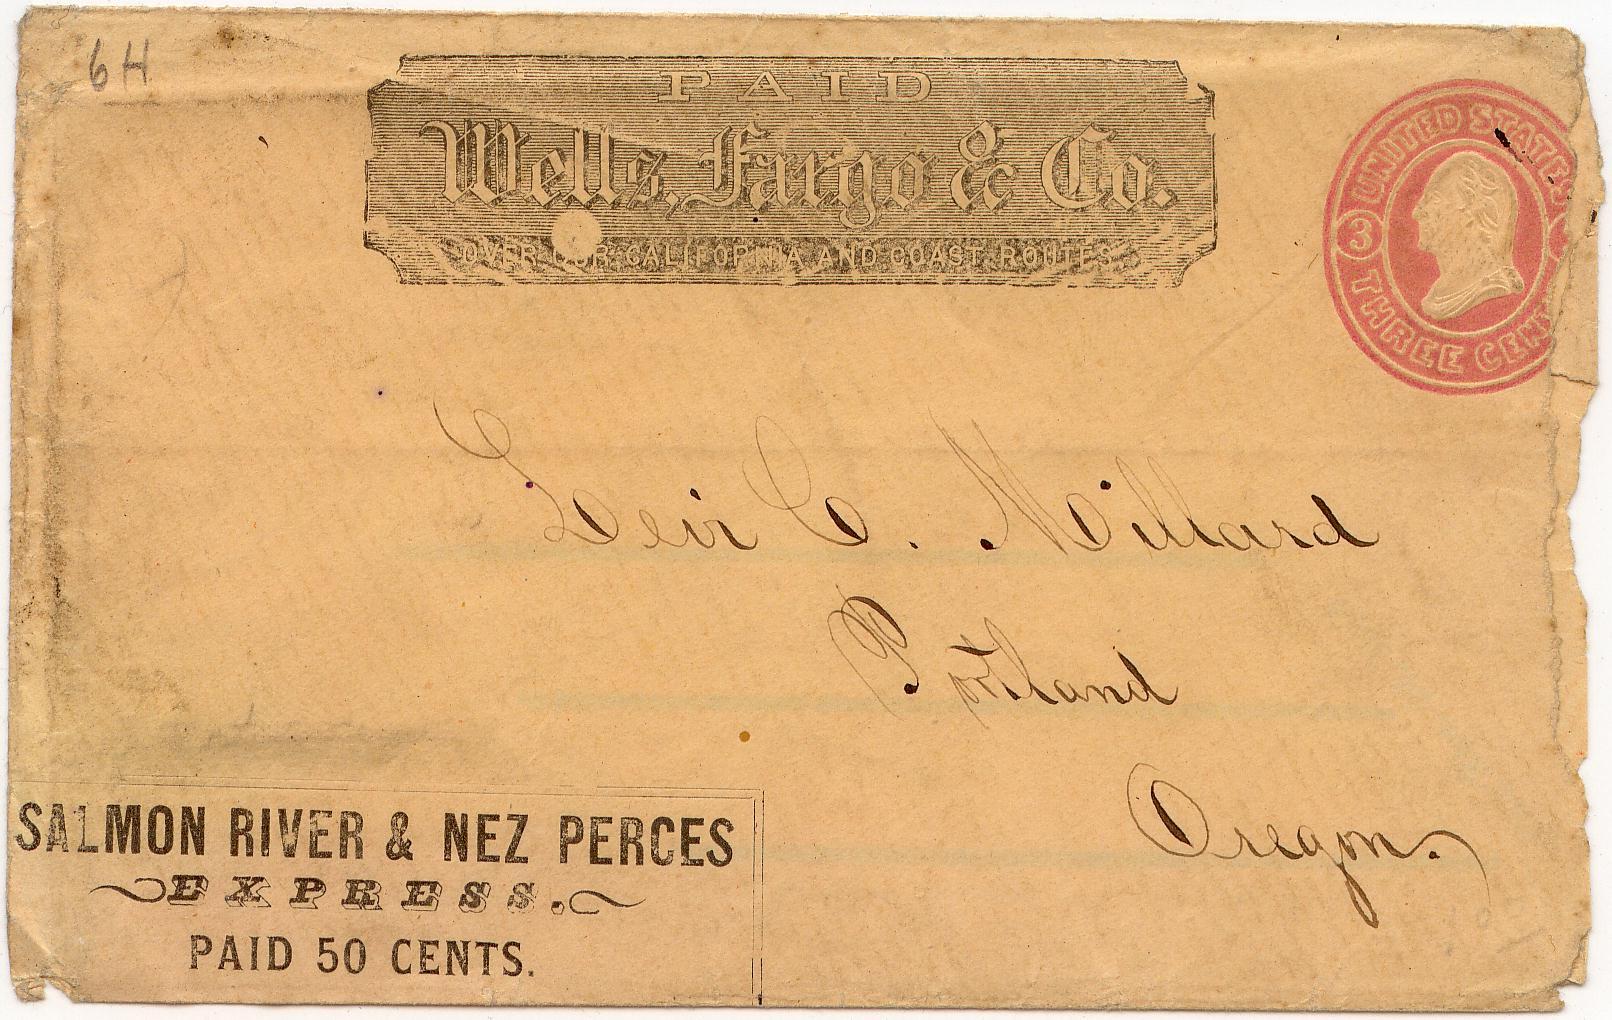 SalmonRiver&NezPerces Frank 50c 0903 Mader 2